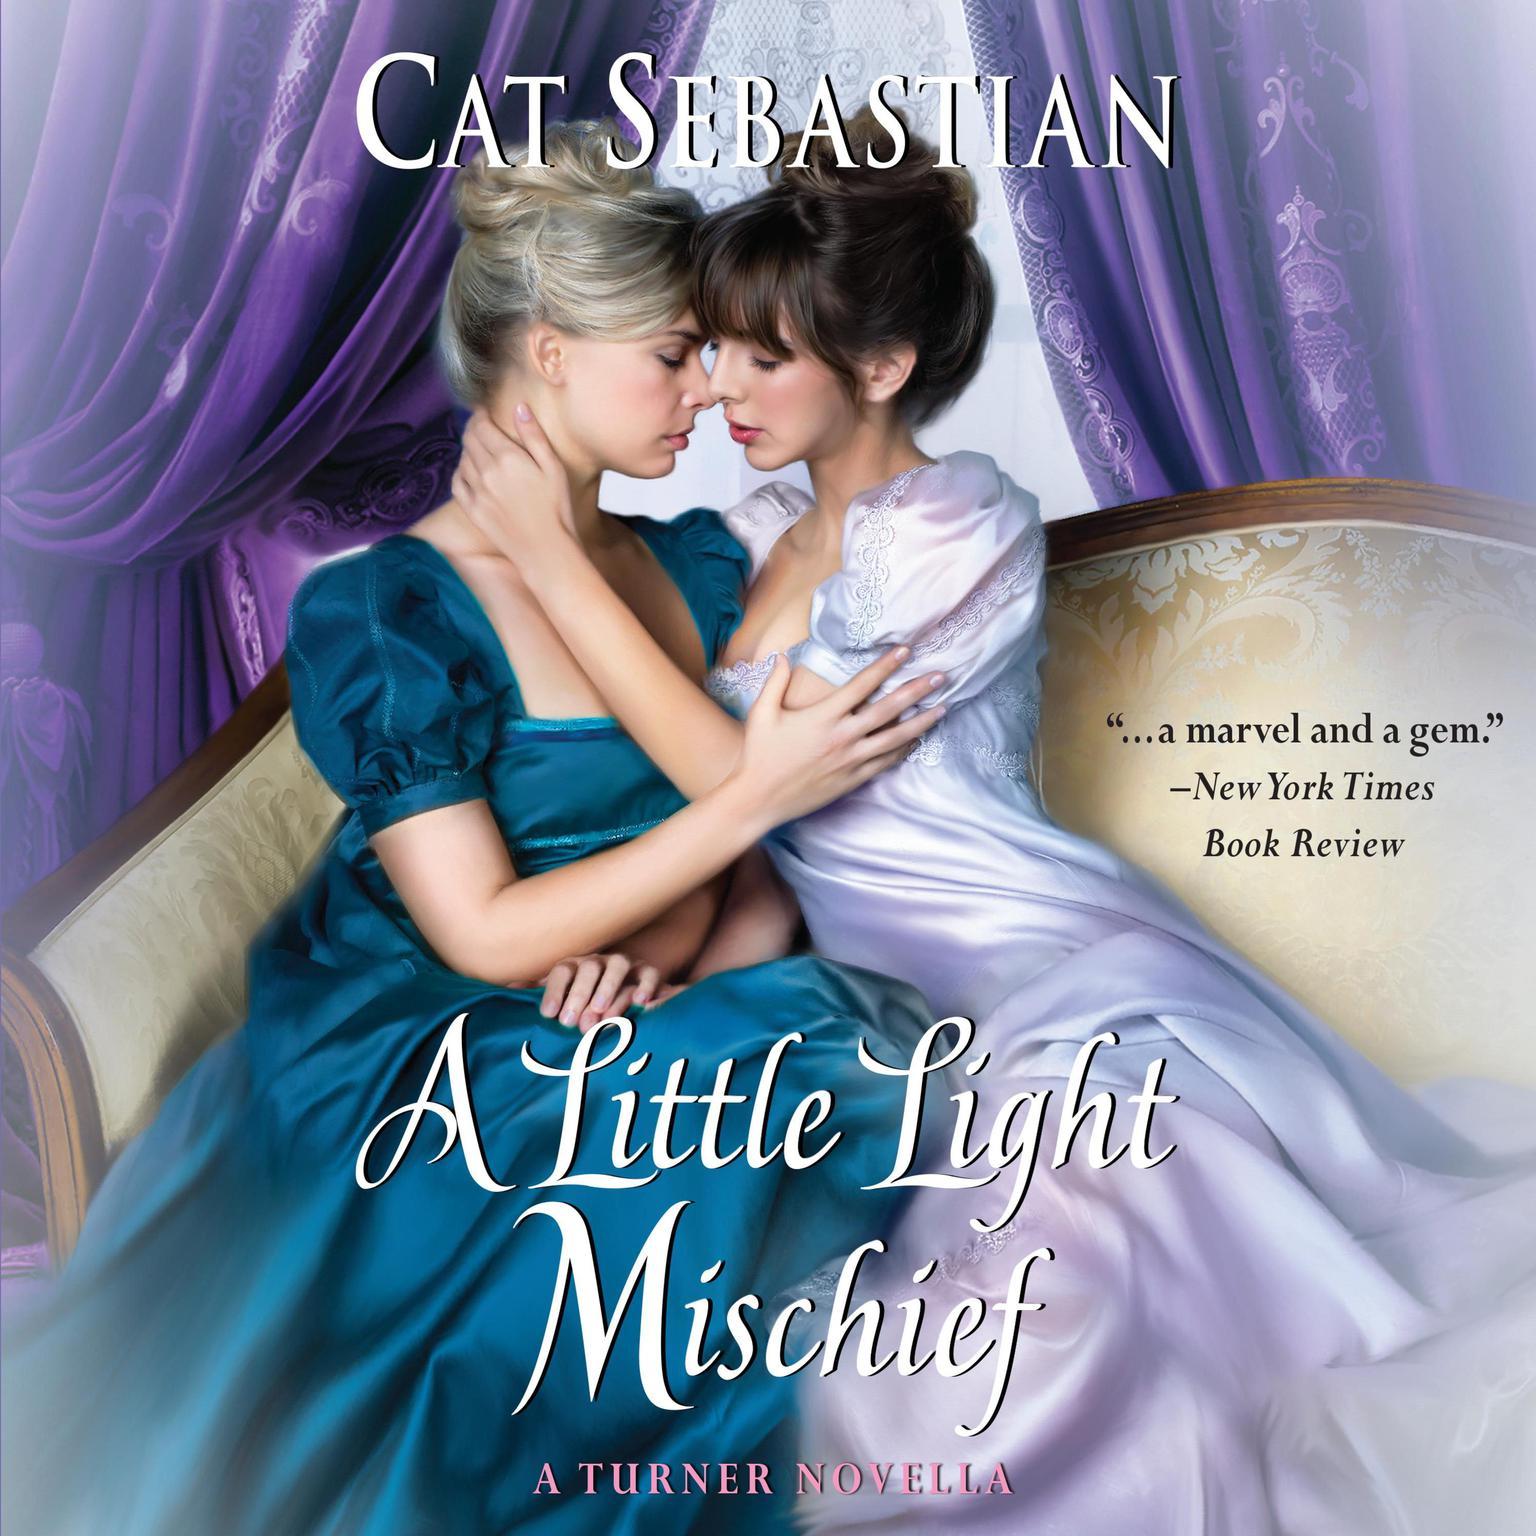 A Little Light Mischief: A Turner Novella Audiobook, by Cat Sebastian